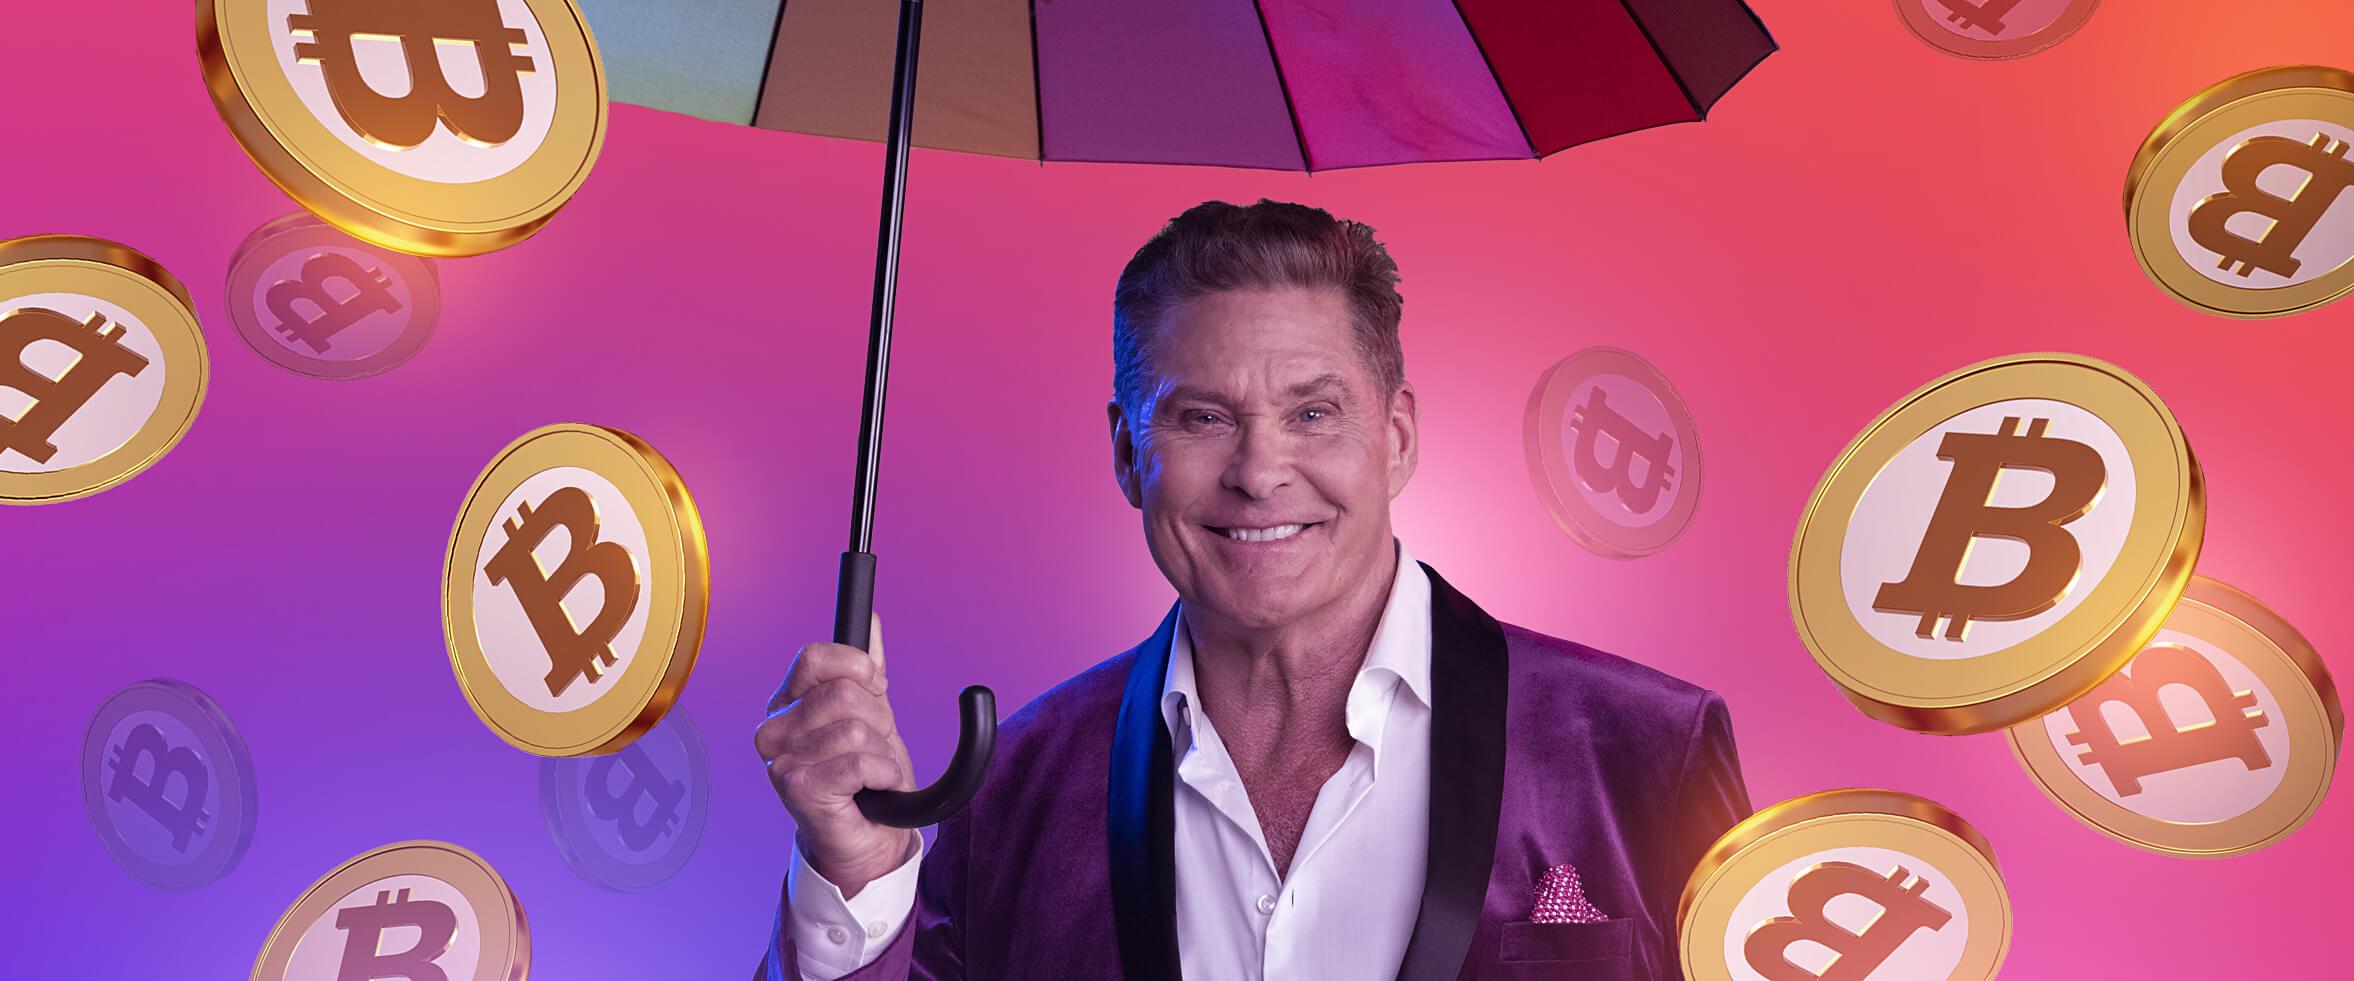 wheelz bitcoin promo